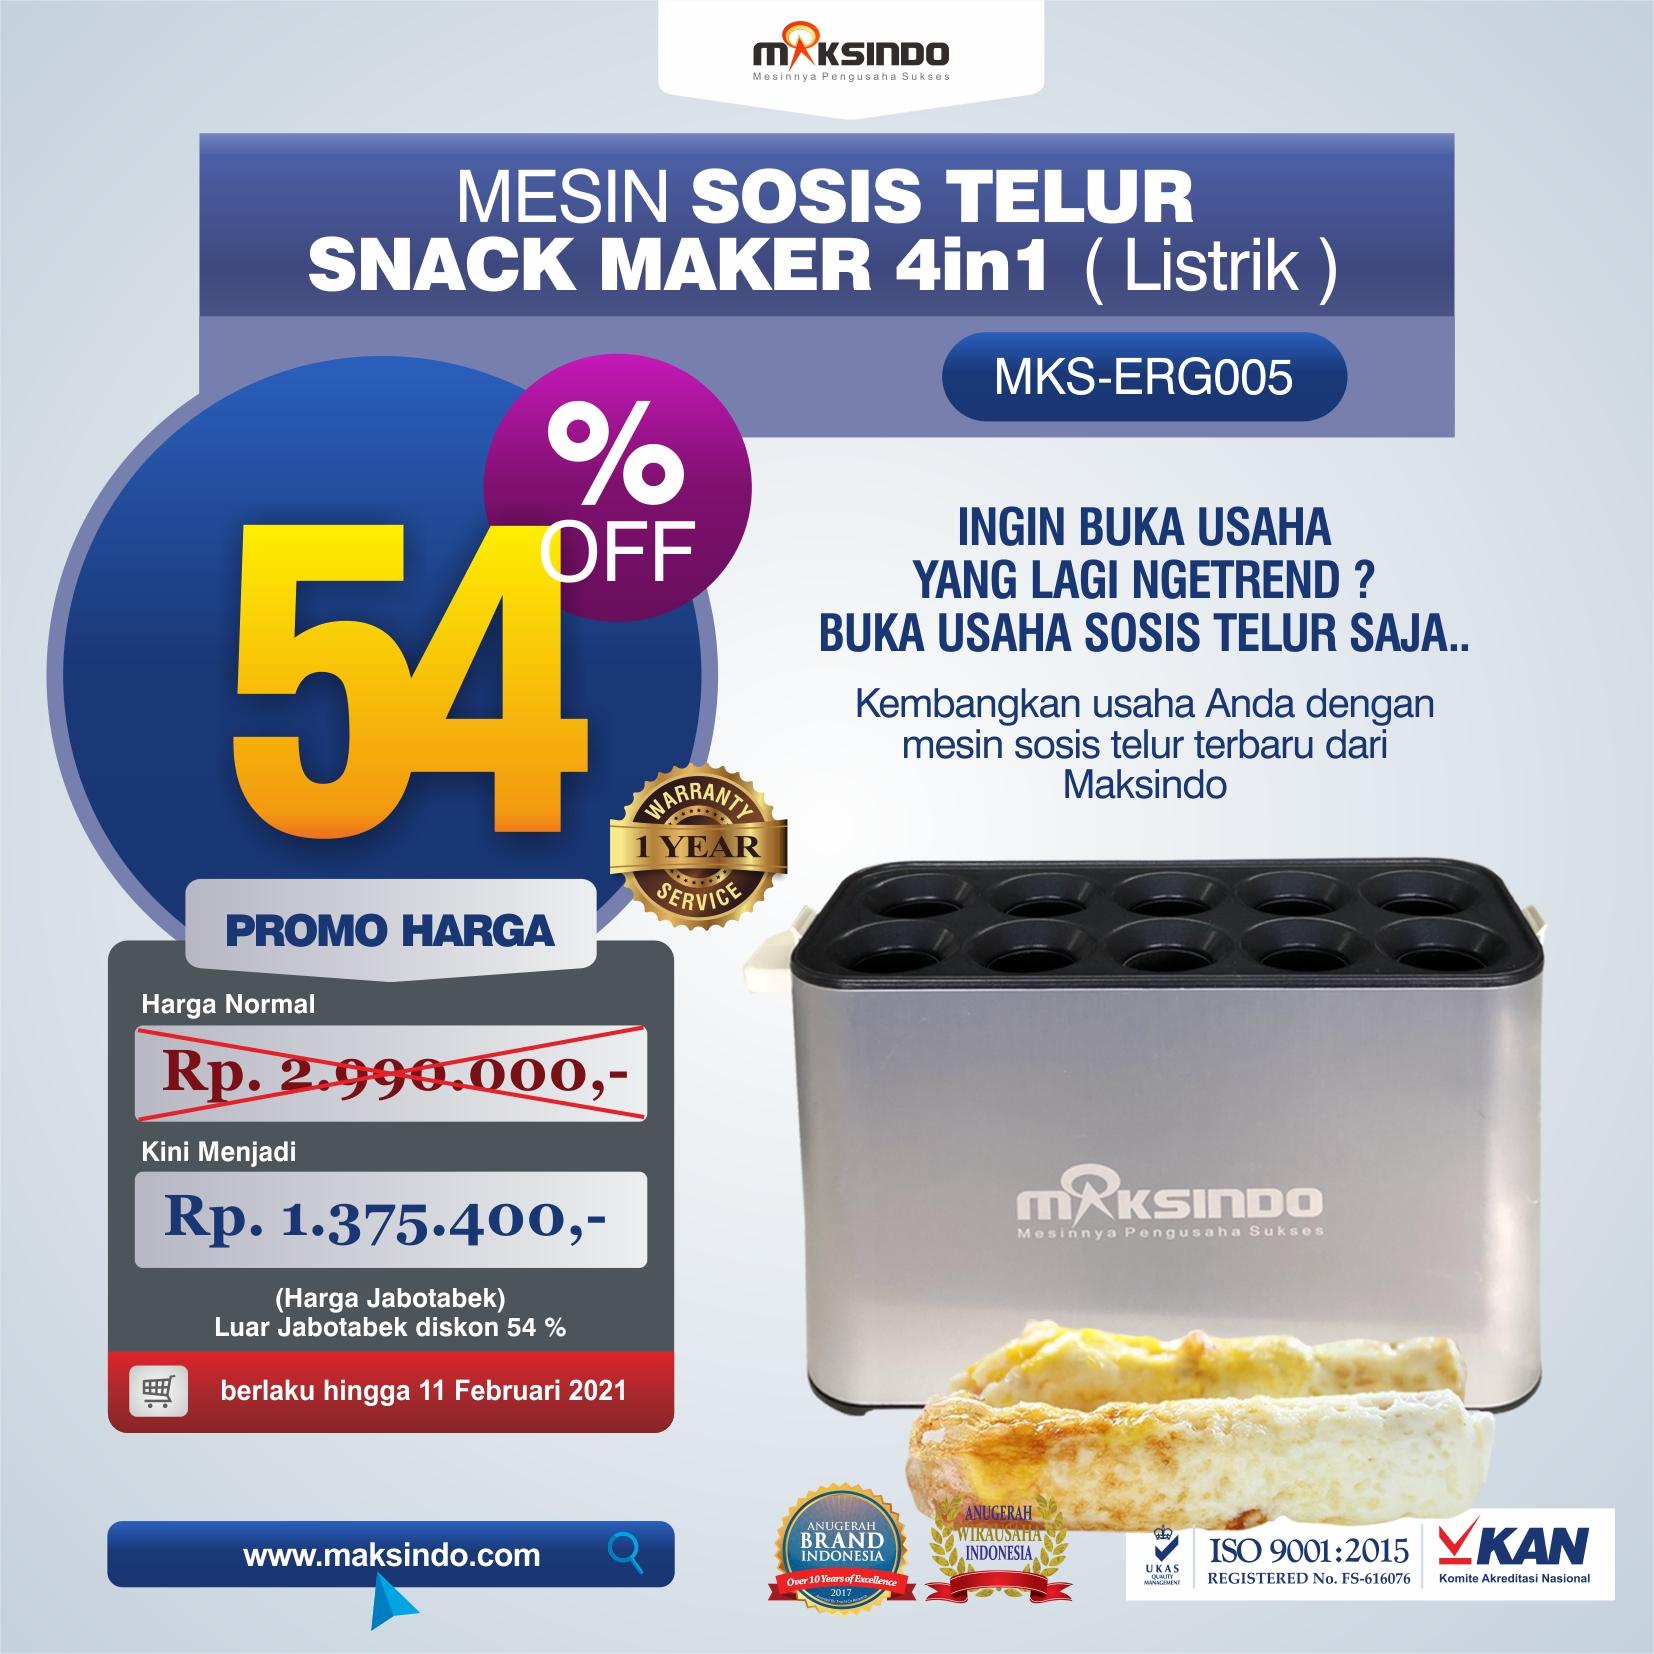 Mesin Egg Roll Sosis Telur Snack Maker 4in1 Listrik MKS-ERG005